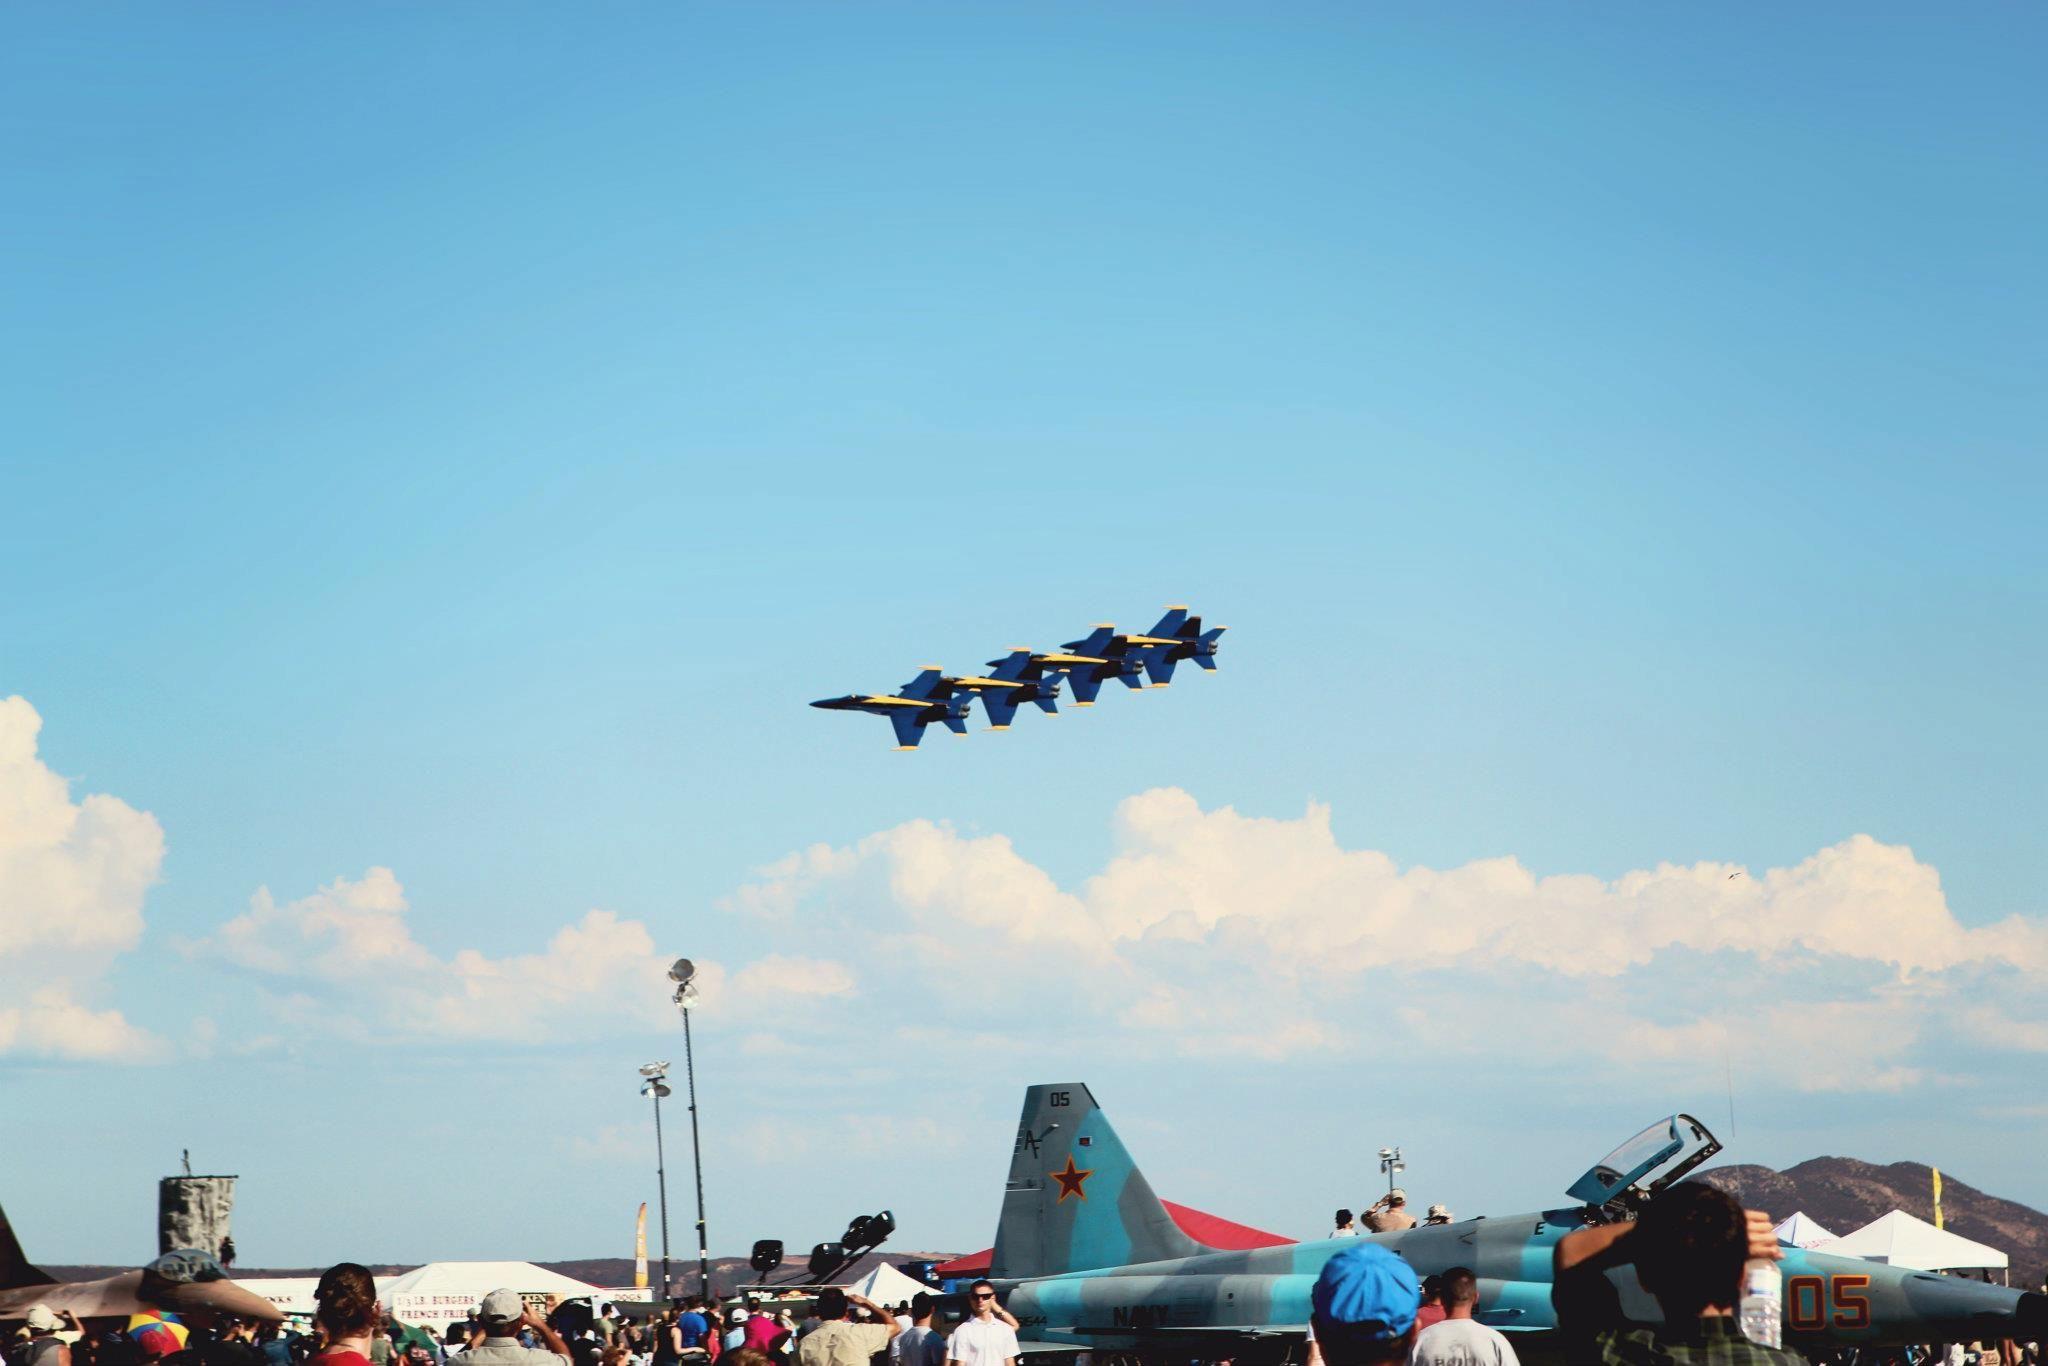 San Diego Blue Angels at Miramar Air Show Air show